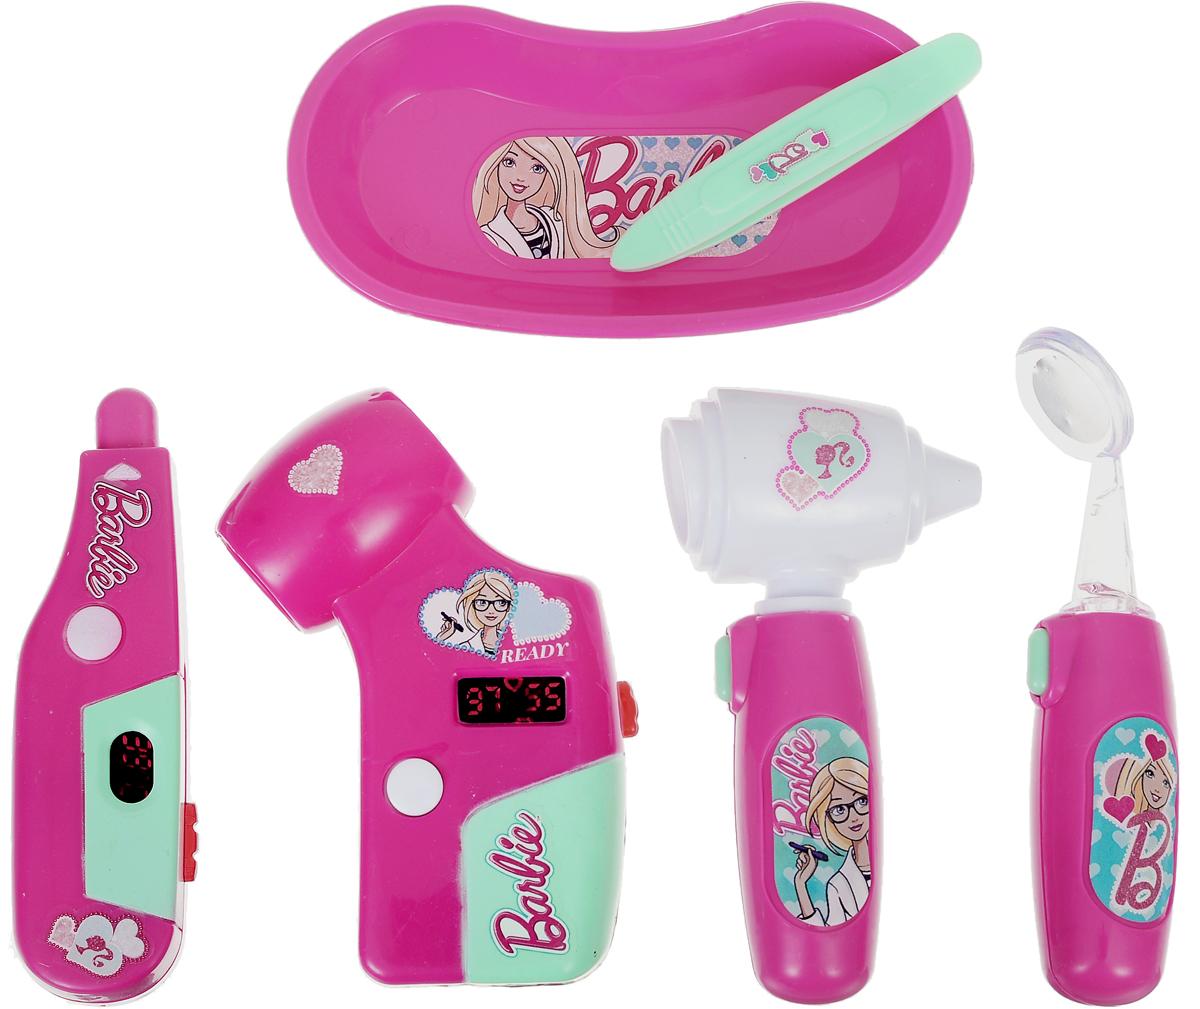 Corpa Игровой набор Юный доктор Barbie 6 предметовD122CИгровой набор Corpa Юный доктор Barbie - это замечательный подарок для вашей девочки, которая сможет почувствовать себя настоящим врачом. В набор входит: электронный стоматоскоп - это инструмент с зеркальцем для обследования рта, градусник, пинцет, сфигмоманометр - прибор для измерения артериального давления, отоскоп - прибор для исследования ушей, и лоток для разных мелочей. С таким набором ваша малышка сможет примерить на себя сложнейшую, но очень интересную профессию доктора и даже стать настоящим специалистом в области здравоохранения, оказывая медицинскую помощь любимым игрушкам. Все инструменты исключительно безопасны, выполнены из прочных материалов и оснащены световыми эффектами. Для работы приборов необходимо 6 батареек типа AG10 (входят в комплект).